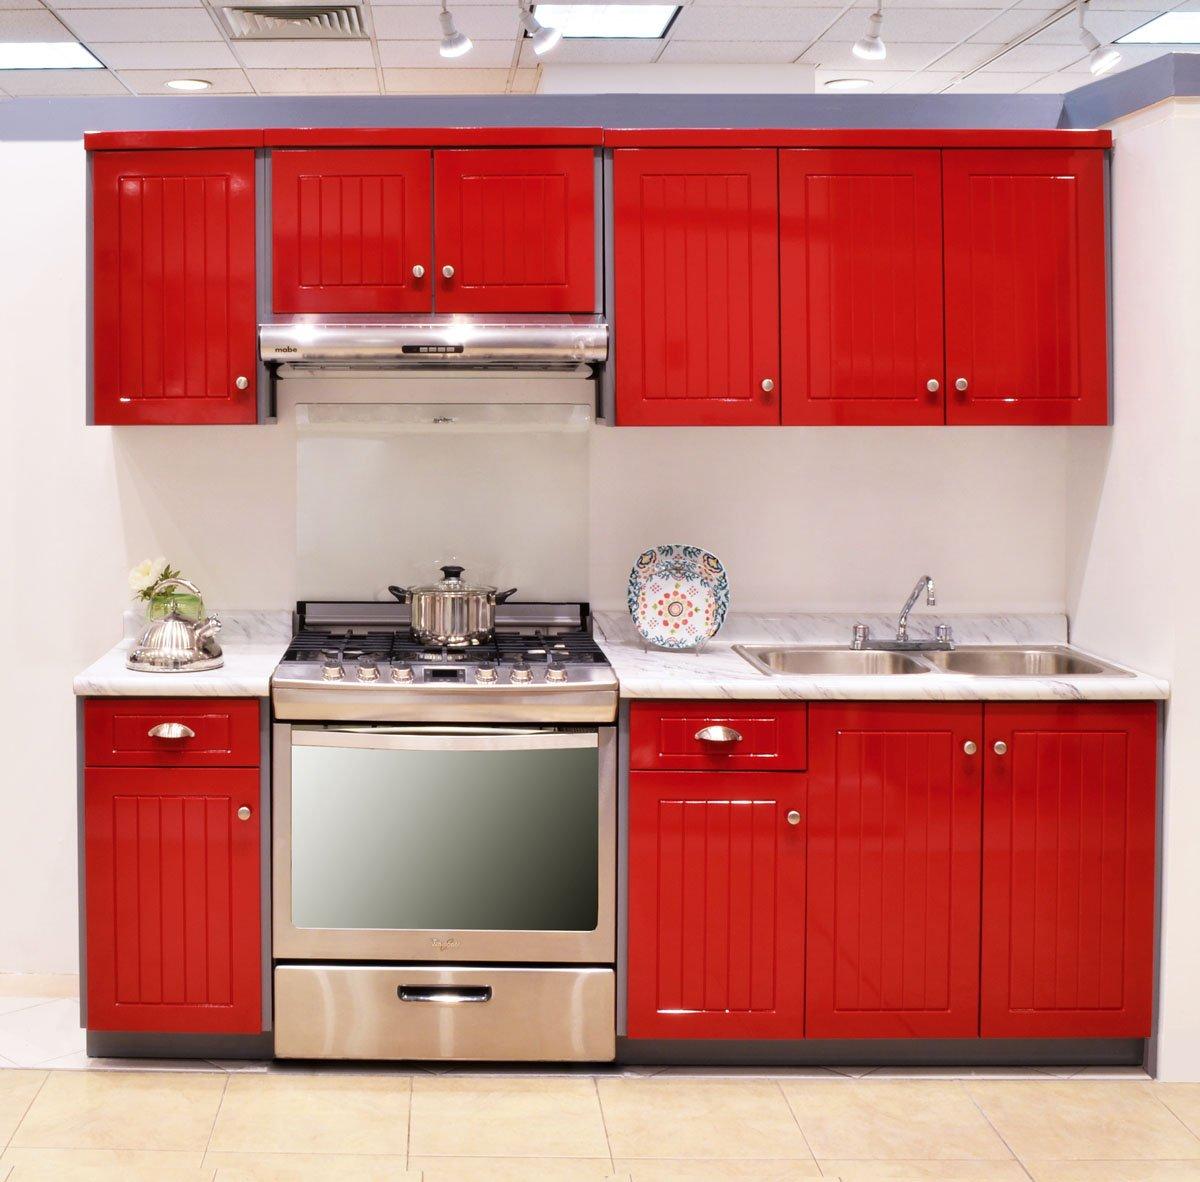 Cocina Modular Alondra New Challenge 2.43 Mts Roja